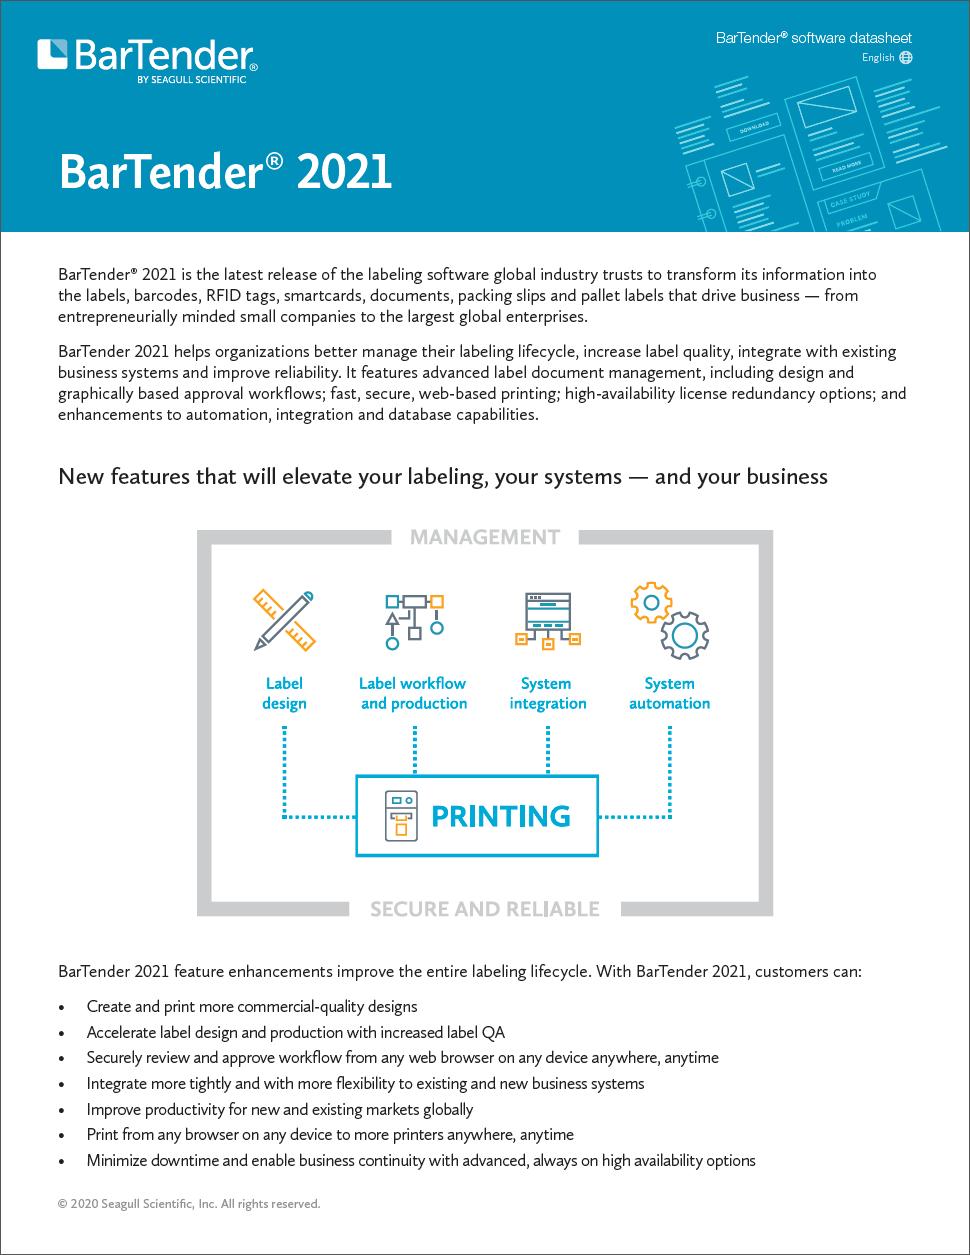 Vad är nytt i BarTender 2021?